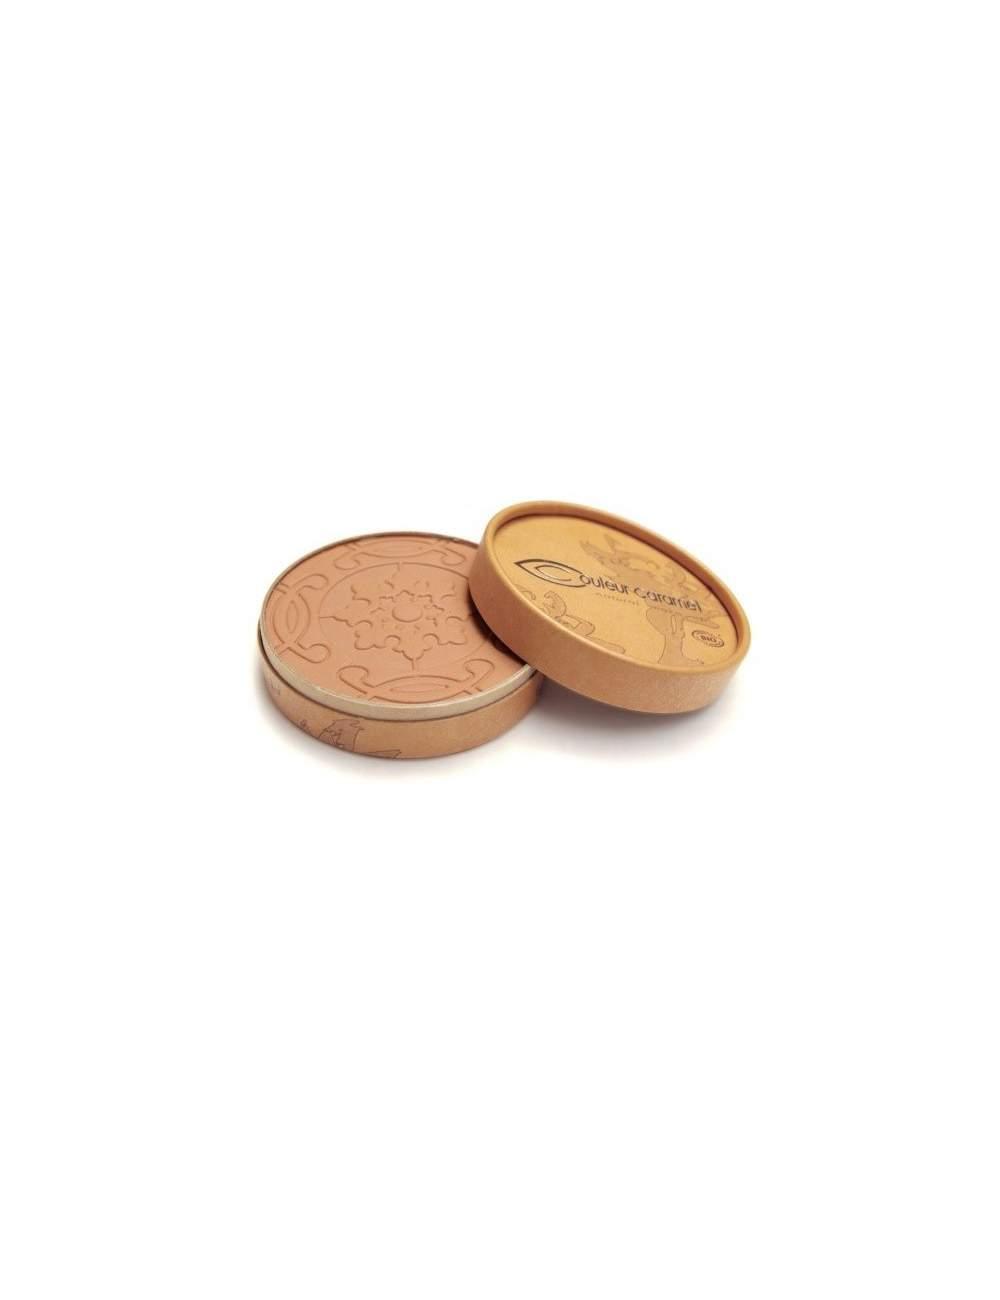 Polvos Bronceadores Bio Mate Terre Caramel 25 Golden Brown. Couleur Caramel